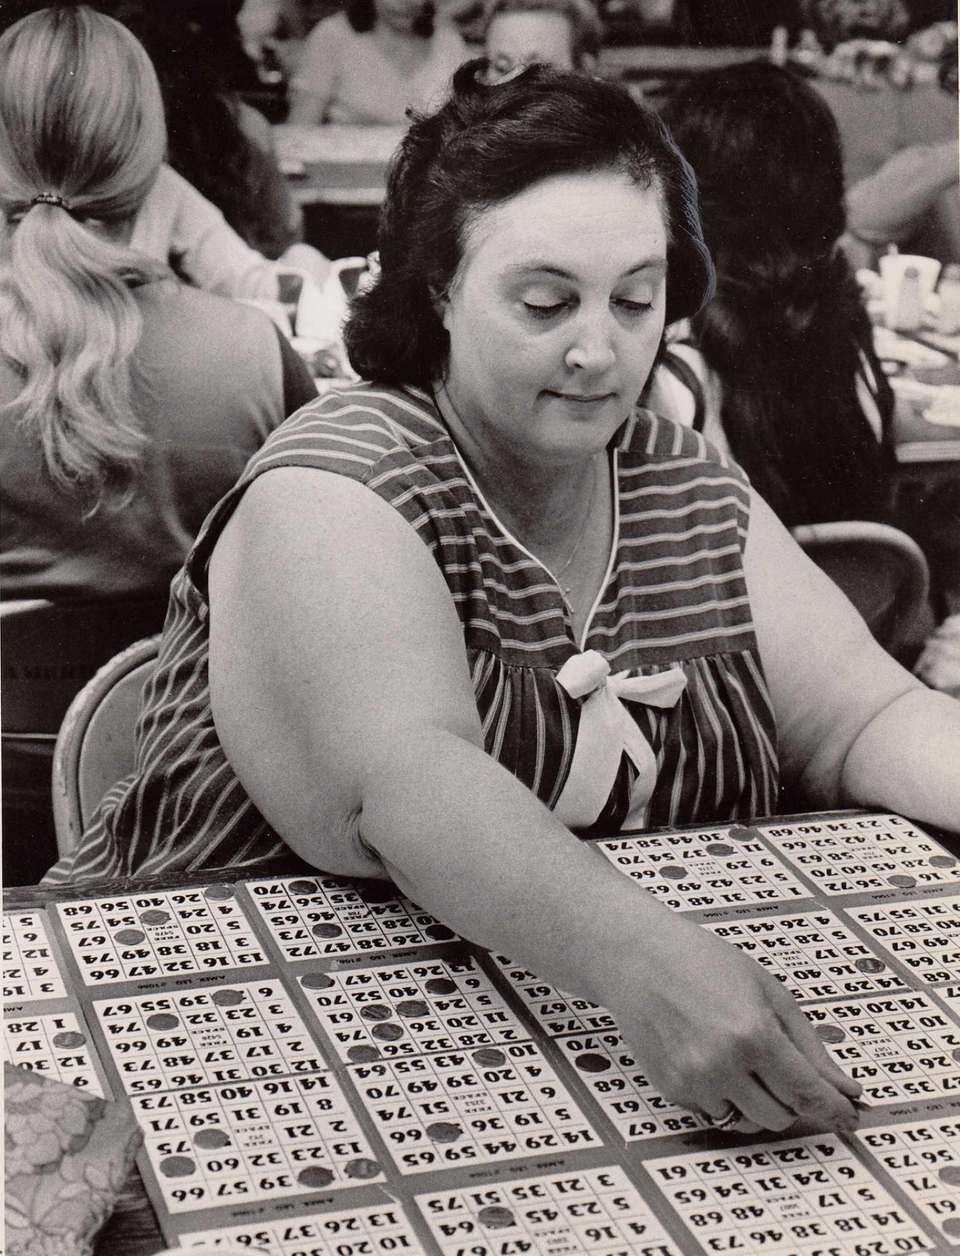 Rita Duarte of Massapequa plays her bingo card